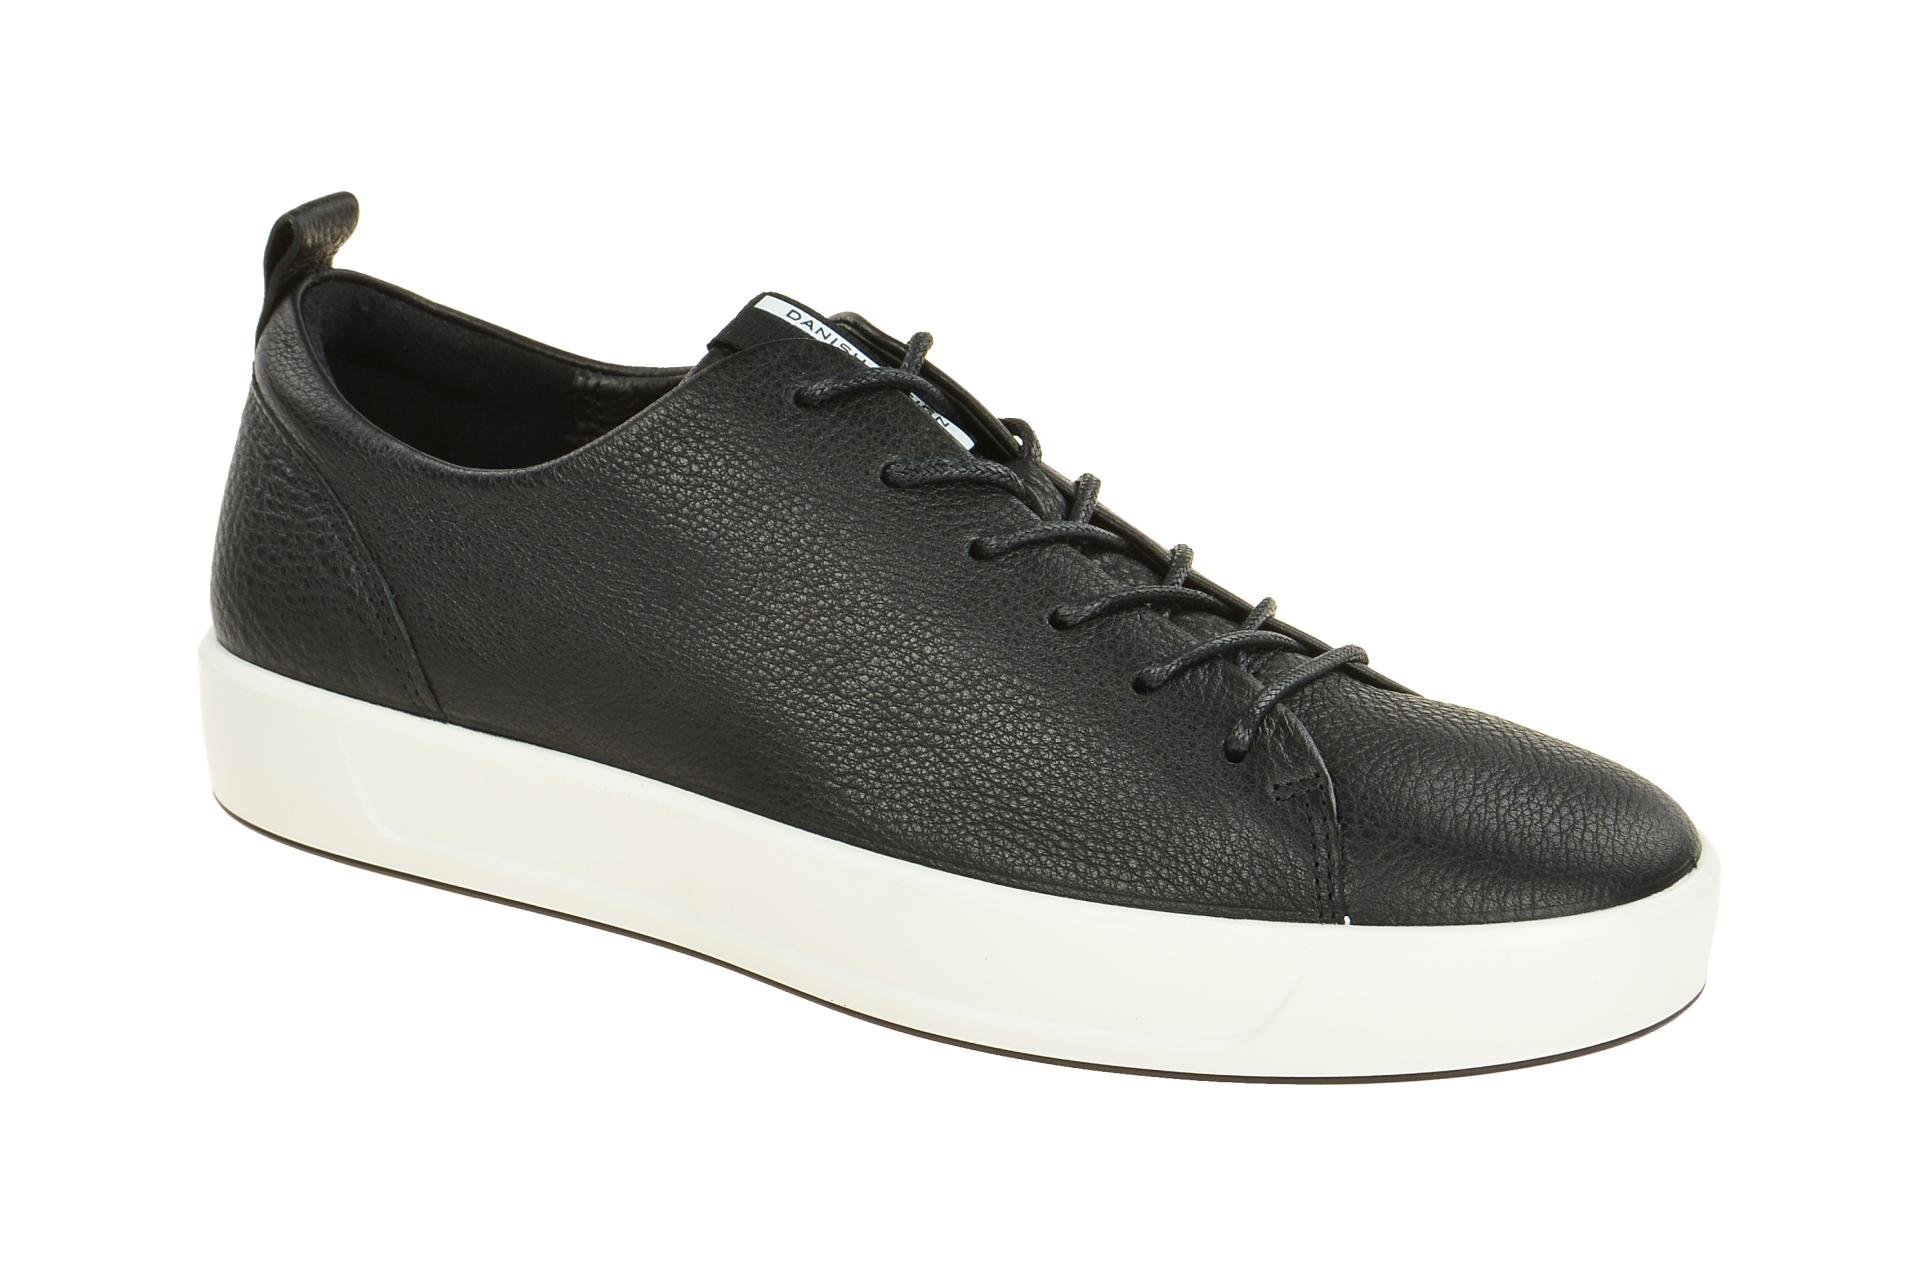 2f352d122fe68c Ecco Soft 8 Schuhe schwarz weiß Herren - Schuhhaus Strauch Shop